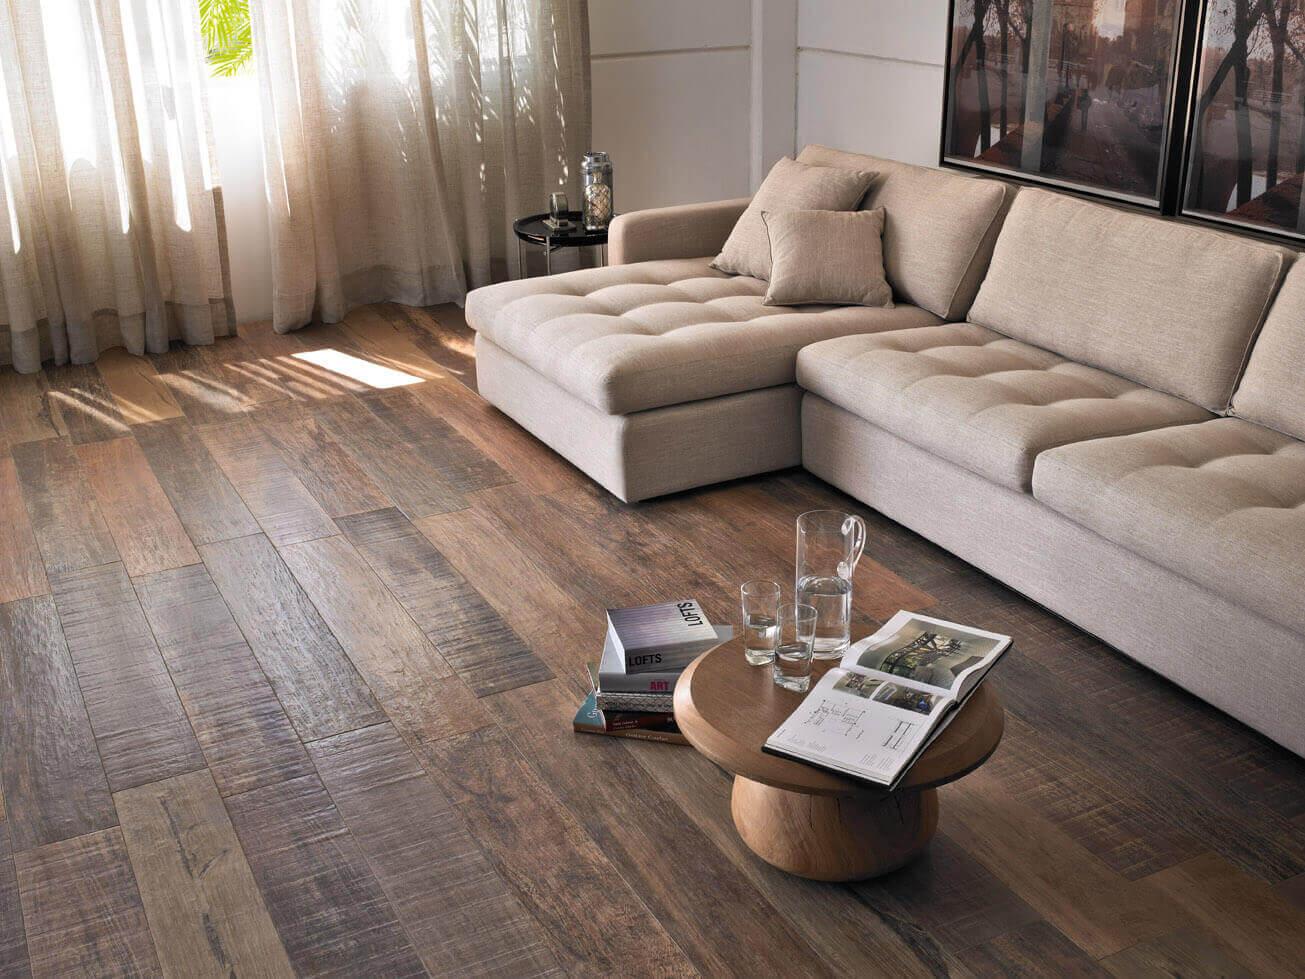 Esse piso usa Porcelanato da Portobello, que imita a madeira perfeitamente.